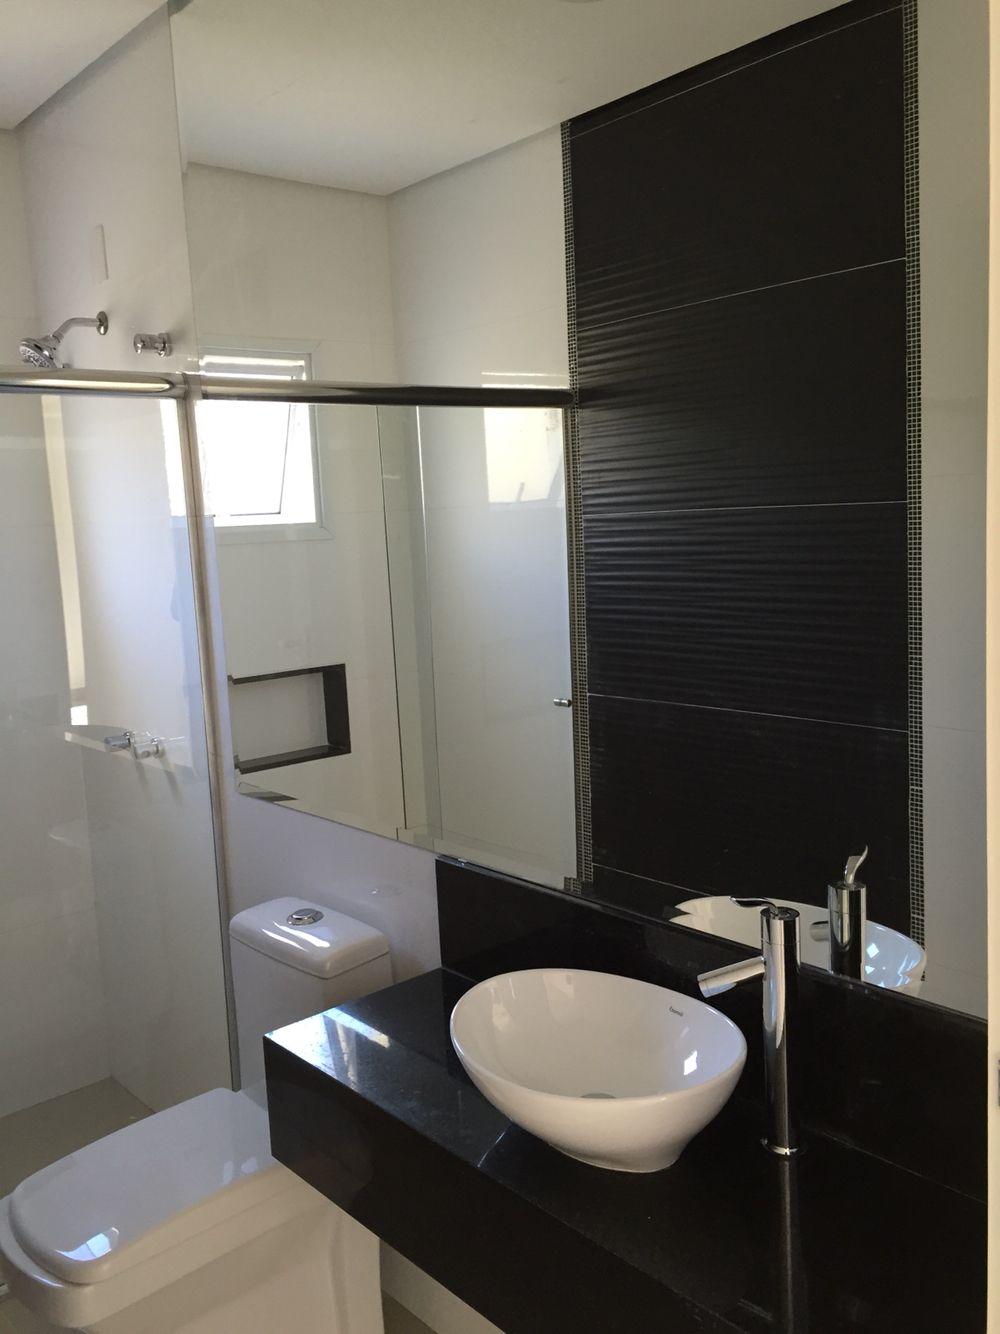 Ideias Para Banheiro Preto E Branco : Banheiro preto e branco revestimento em relevo